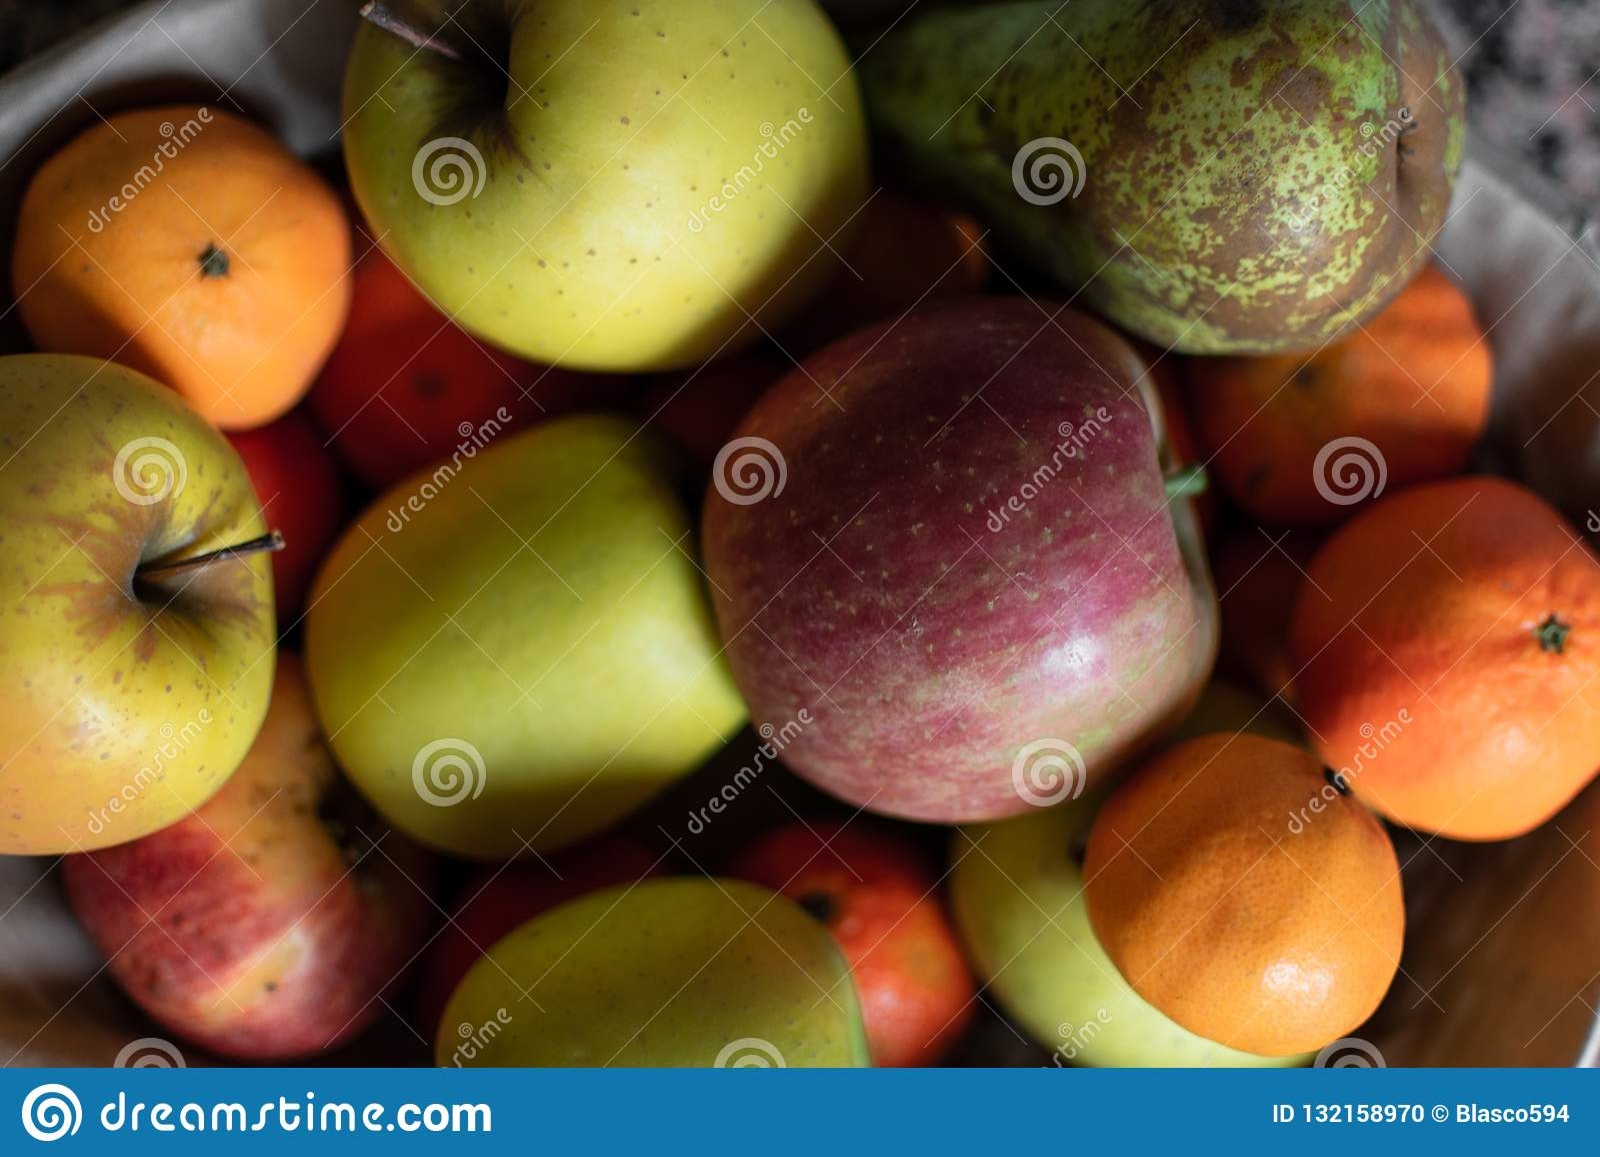 Owocowy kosz w kuchni